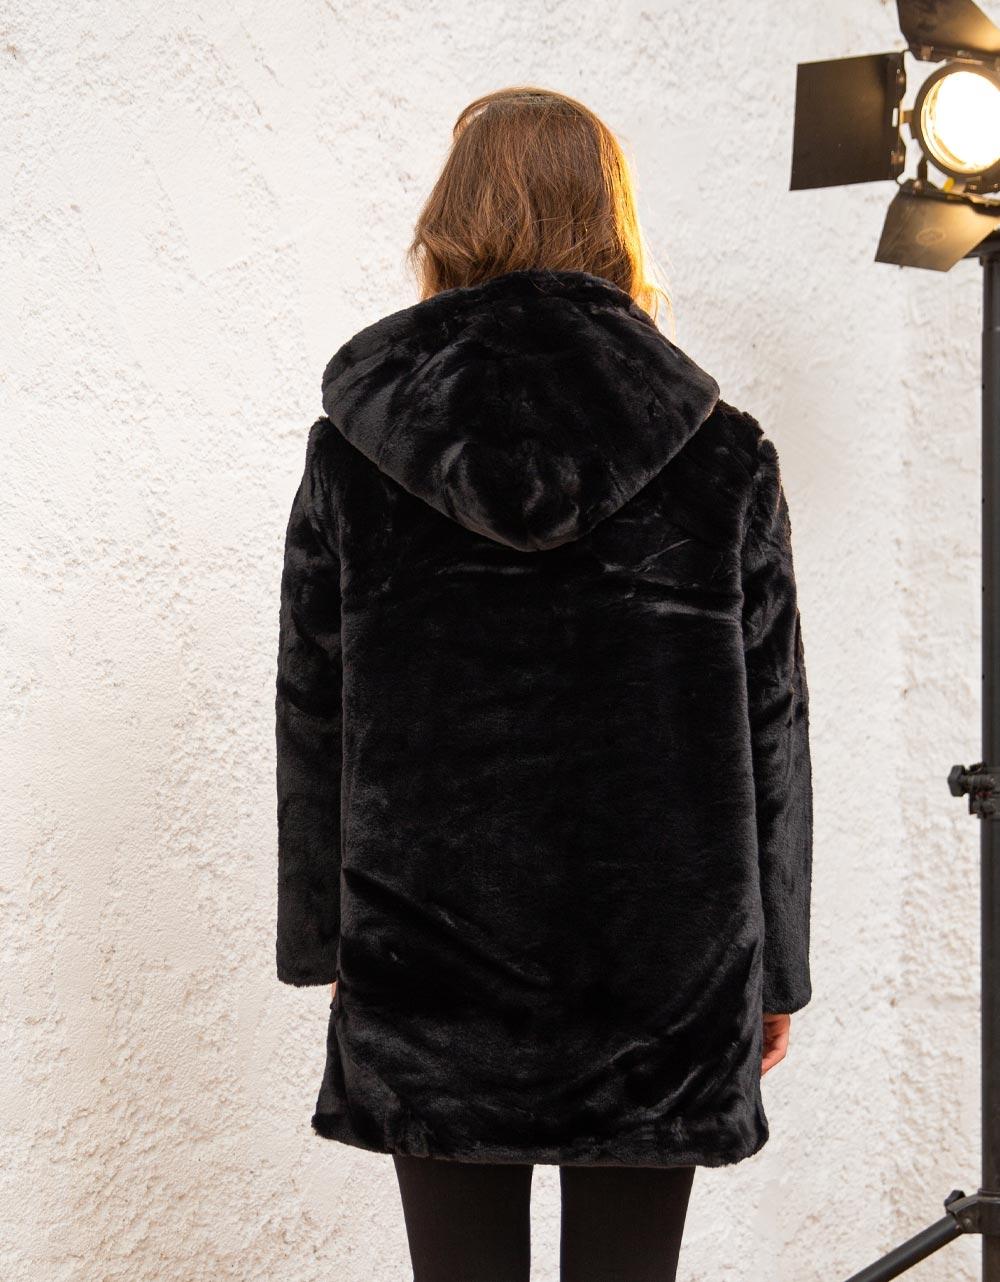 Εικόνα από Γυναικείo παλτό με κουκούλα από οικολογική γούνα Μαύρο